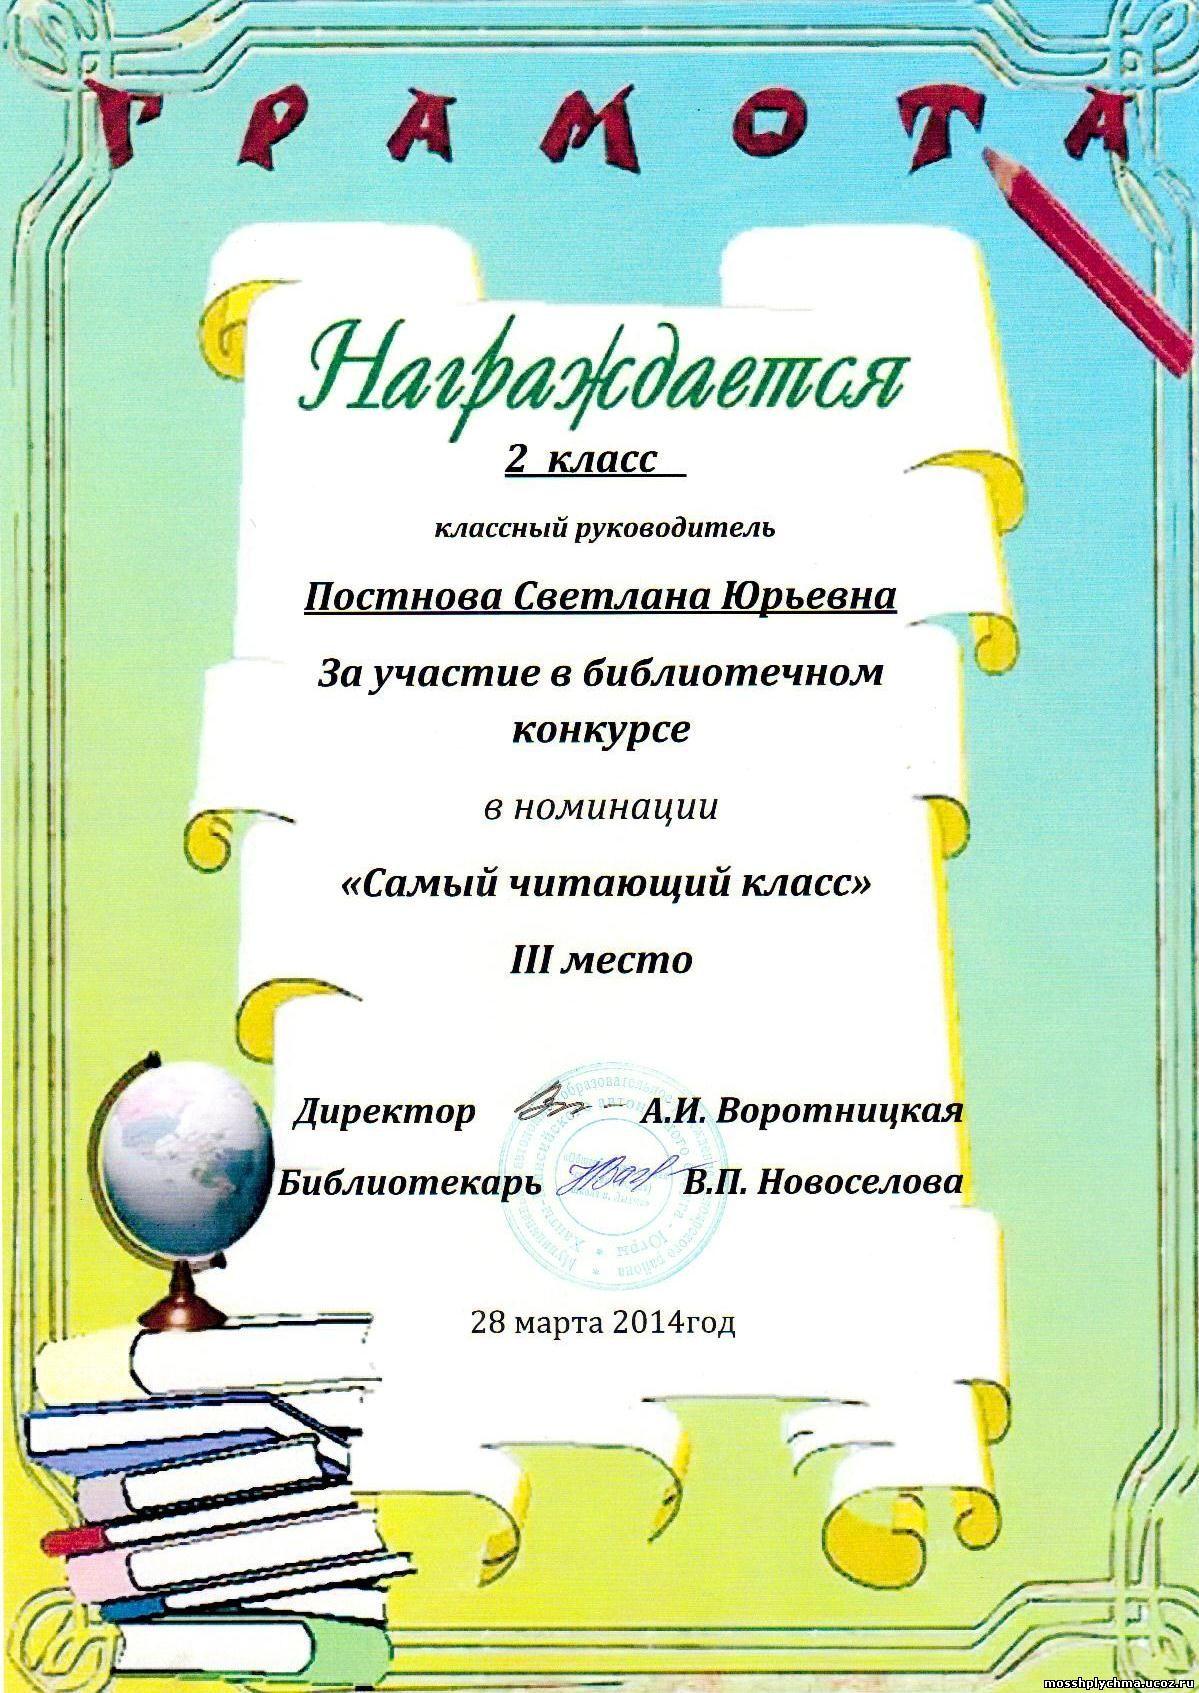 Номинации на конкурс библиотекаря